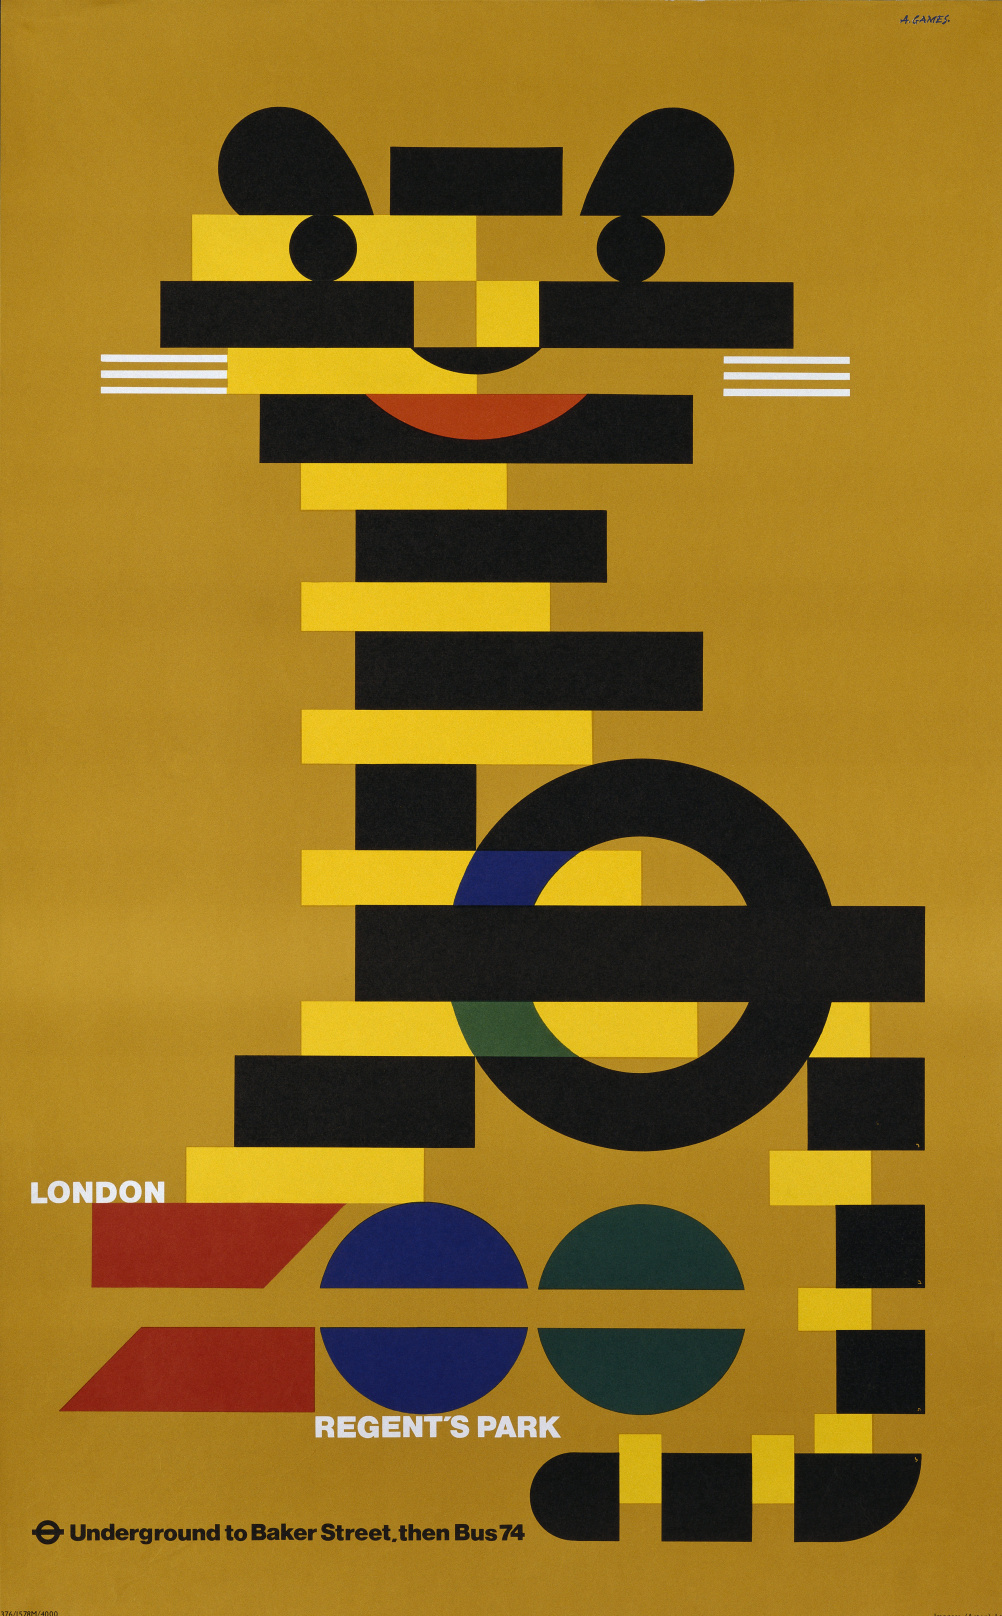 London Underground Zoo, Abram Games, 1976